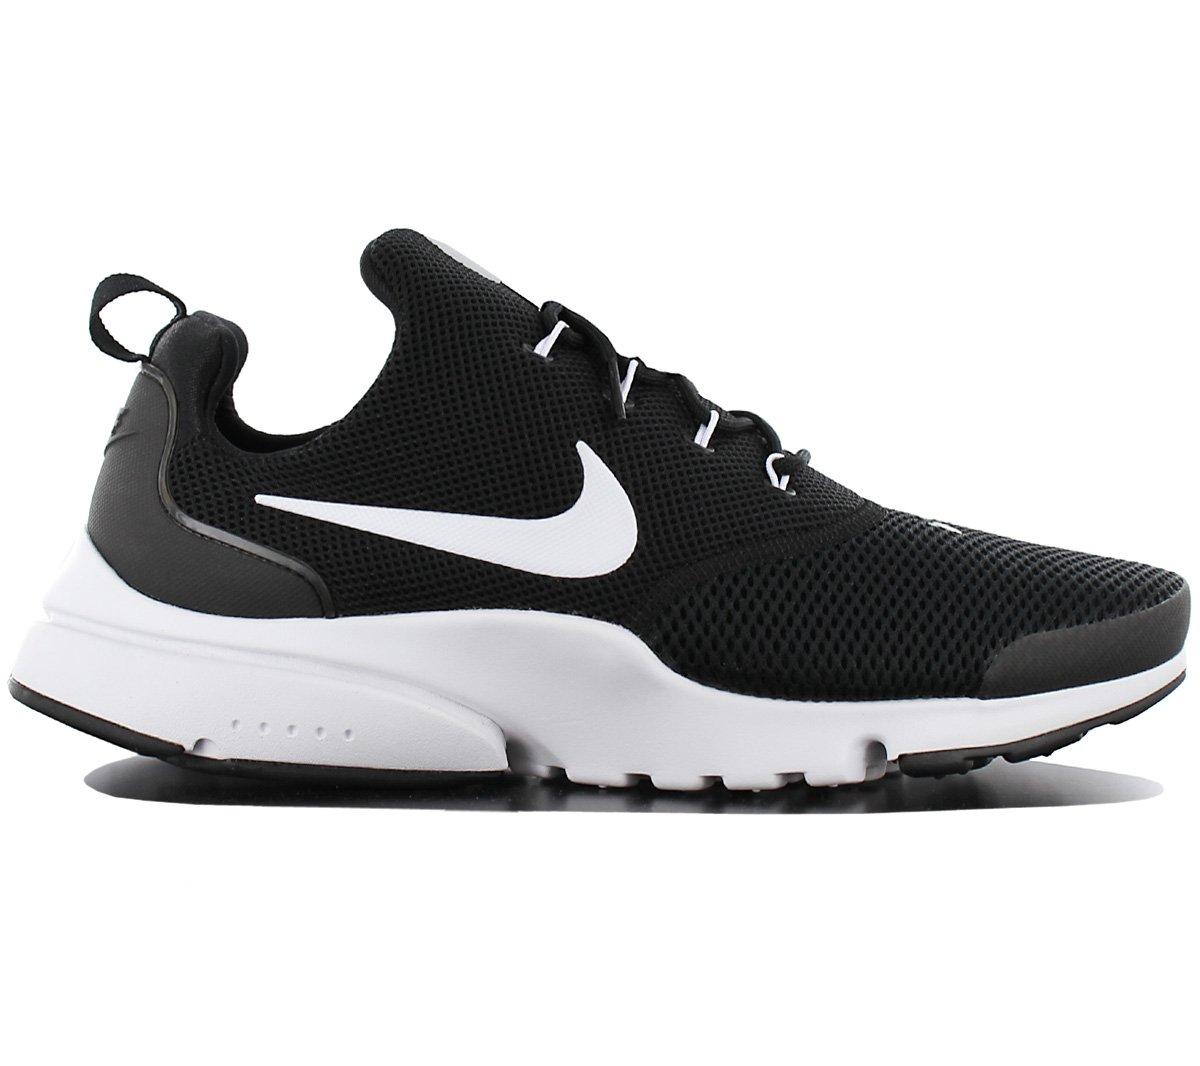 new arrivals b37c2 52143 Galleon - Nike Men s Presto Fly Gymnastics Shoes, Black, 13 UK (48.5 EU)